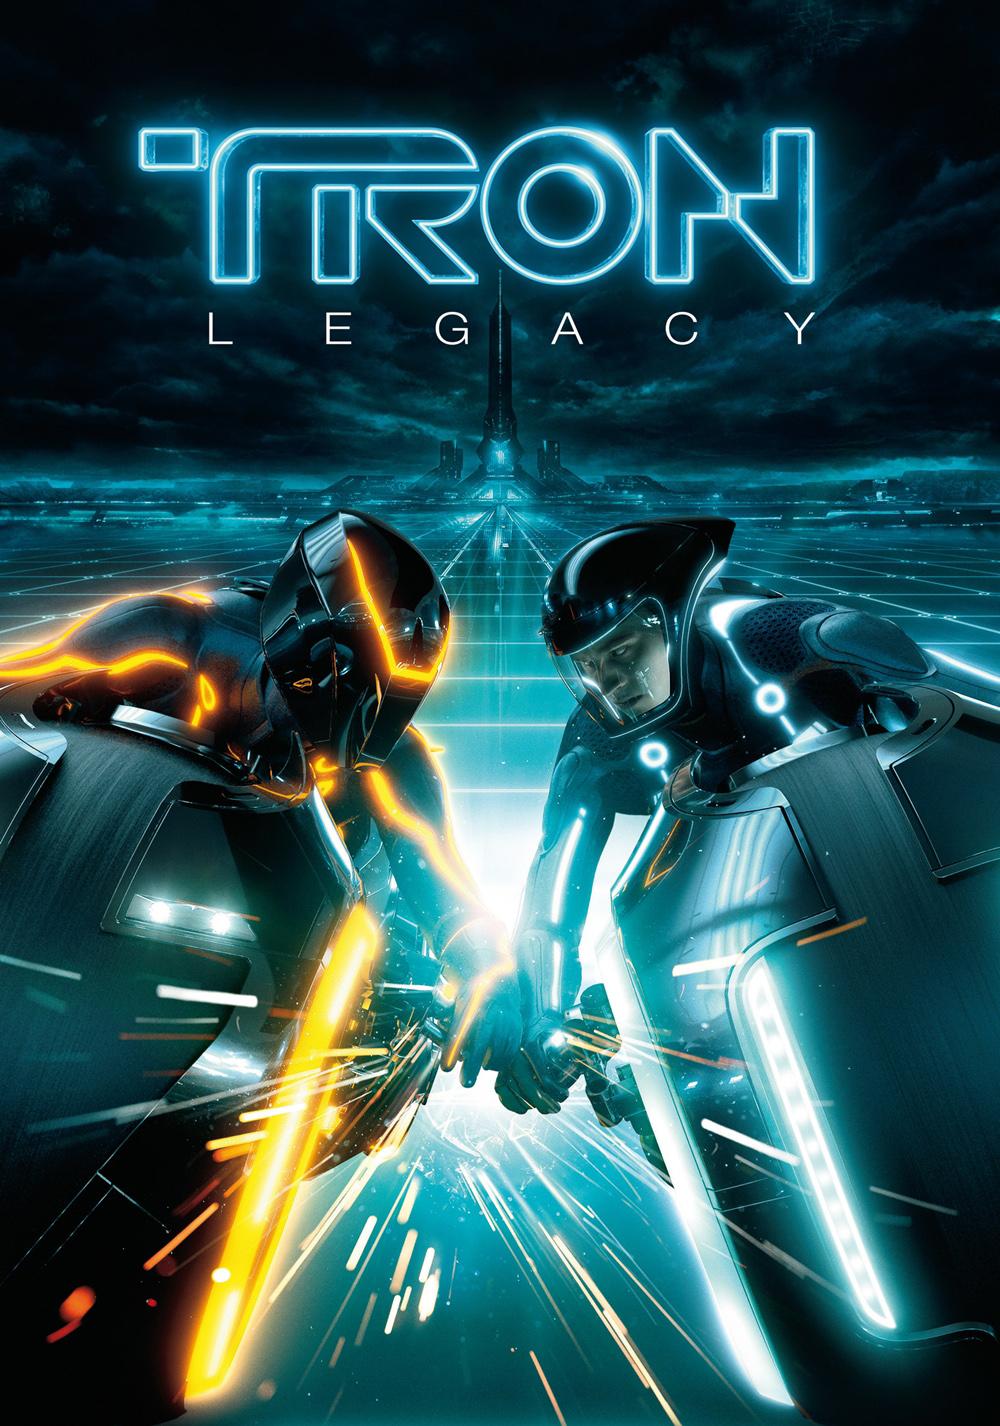 Tron_Legacy_Poster_2.jpg